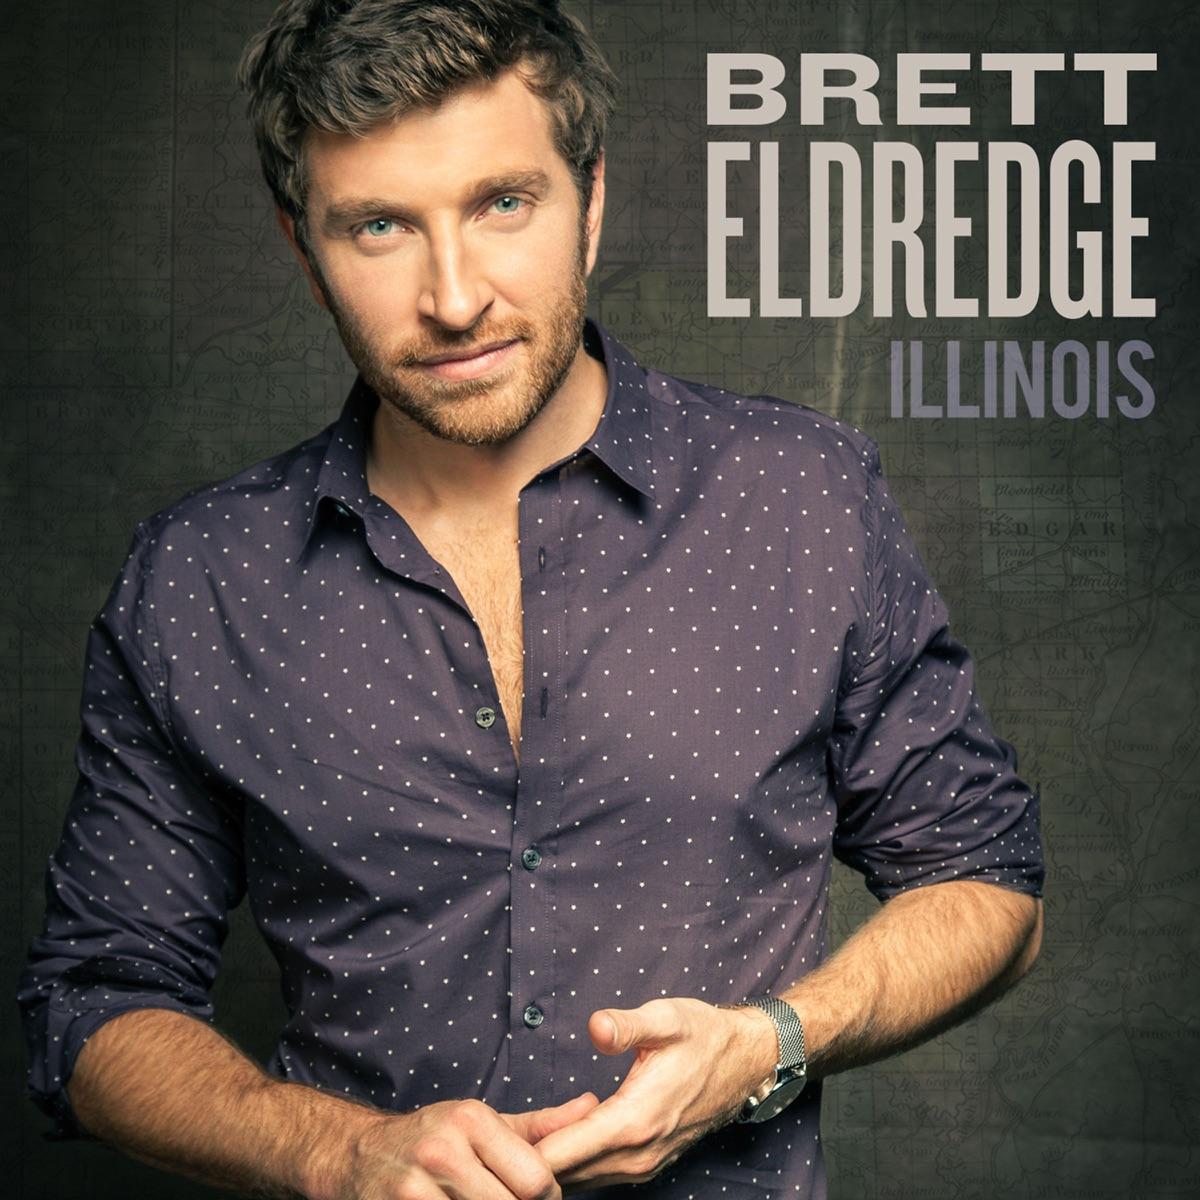 Illinois Brett Eldredge CD cover